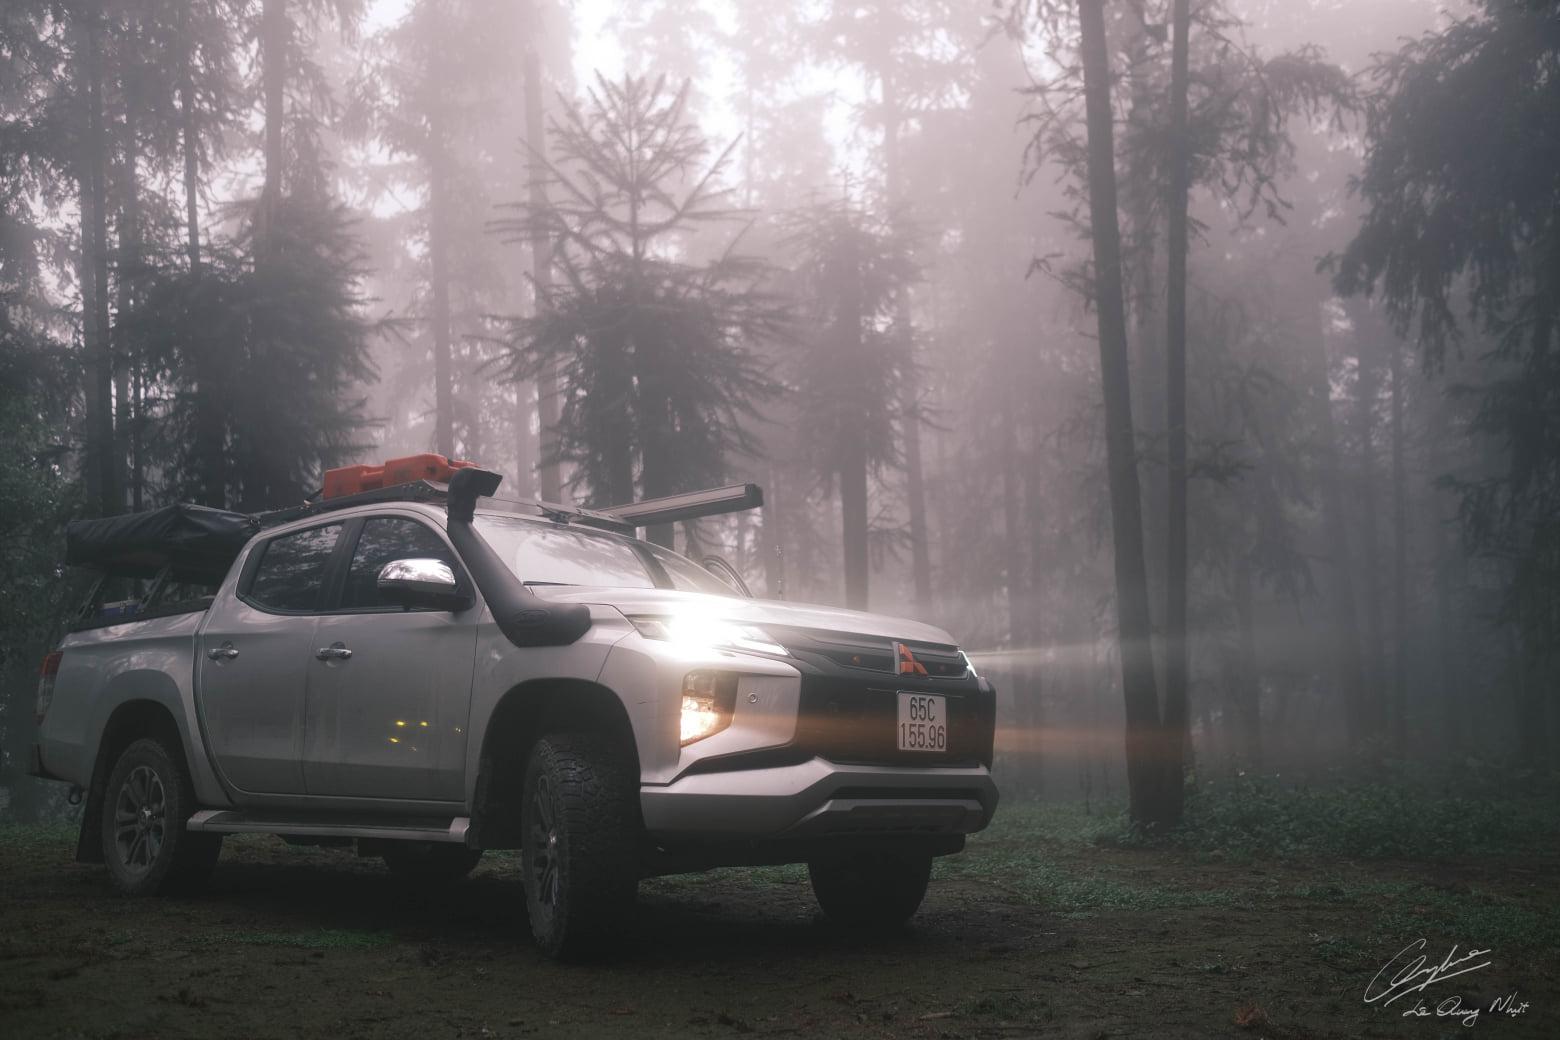 Muốn đi cắm trại từ núi non đến ven biển trong phạm vi 300km, chẳng thể bỏ lỡ những địa danh vô cùng đẹp, các camper nên chinh phục 1 lần - Ảnh 3.